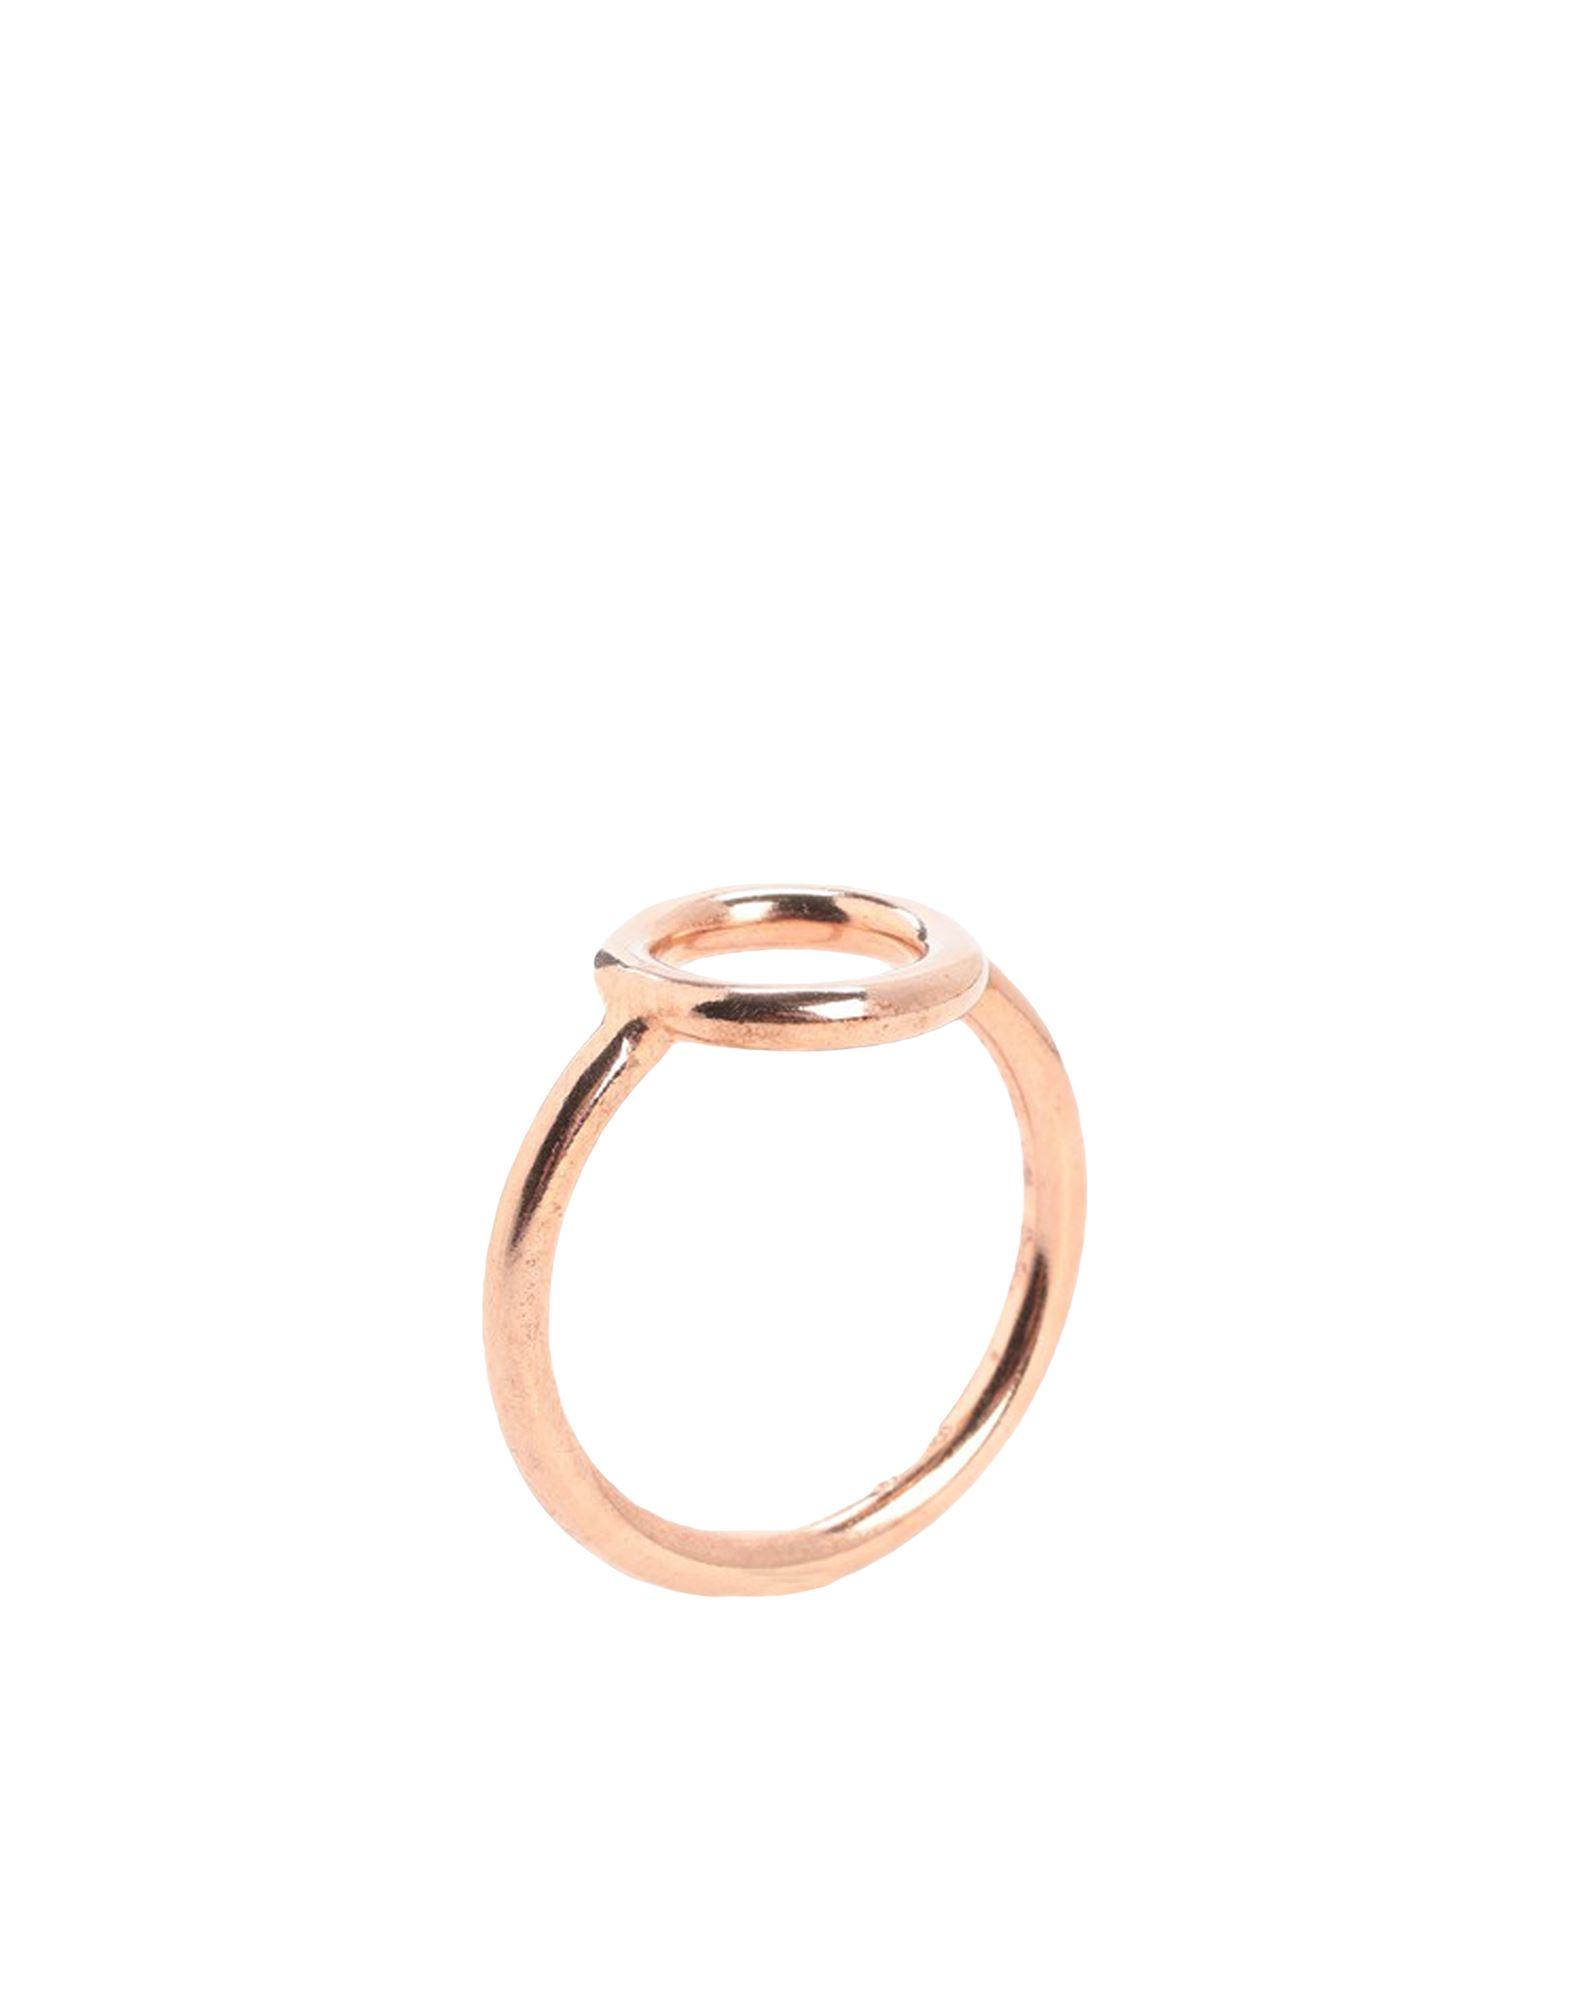 《セール開催中》NOVE25 レディース 指輪 カッパー 10 シルバー925/1000 CIRCLE FINE RING